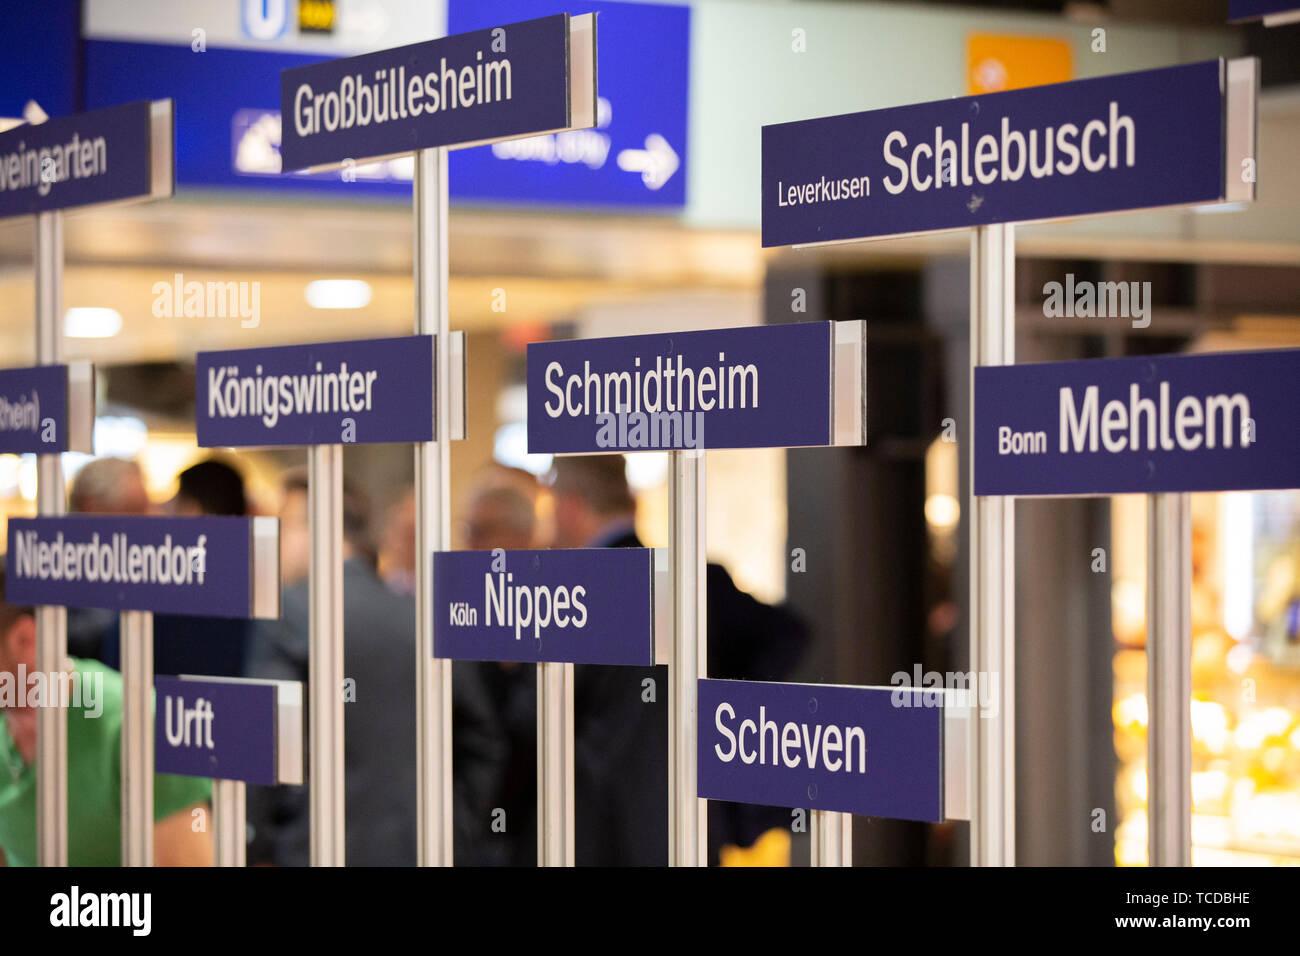 Aufstellung der Moderinsierungsbahnhöfe bei der Unterzeichnung der MOF 3-Vereinbarung im Kölner Hauptbahnhof. Köln, 06.06.2019 Stock Photo